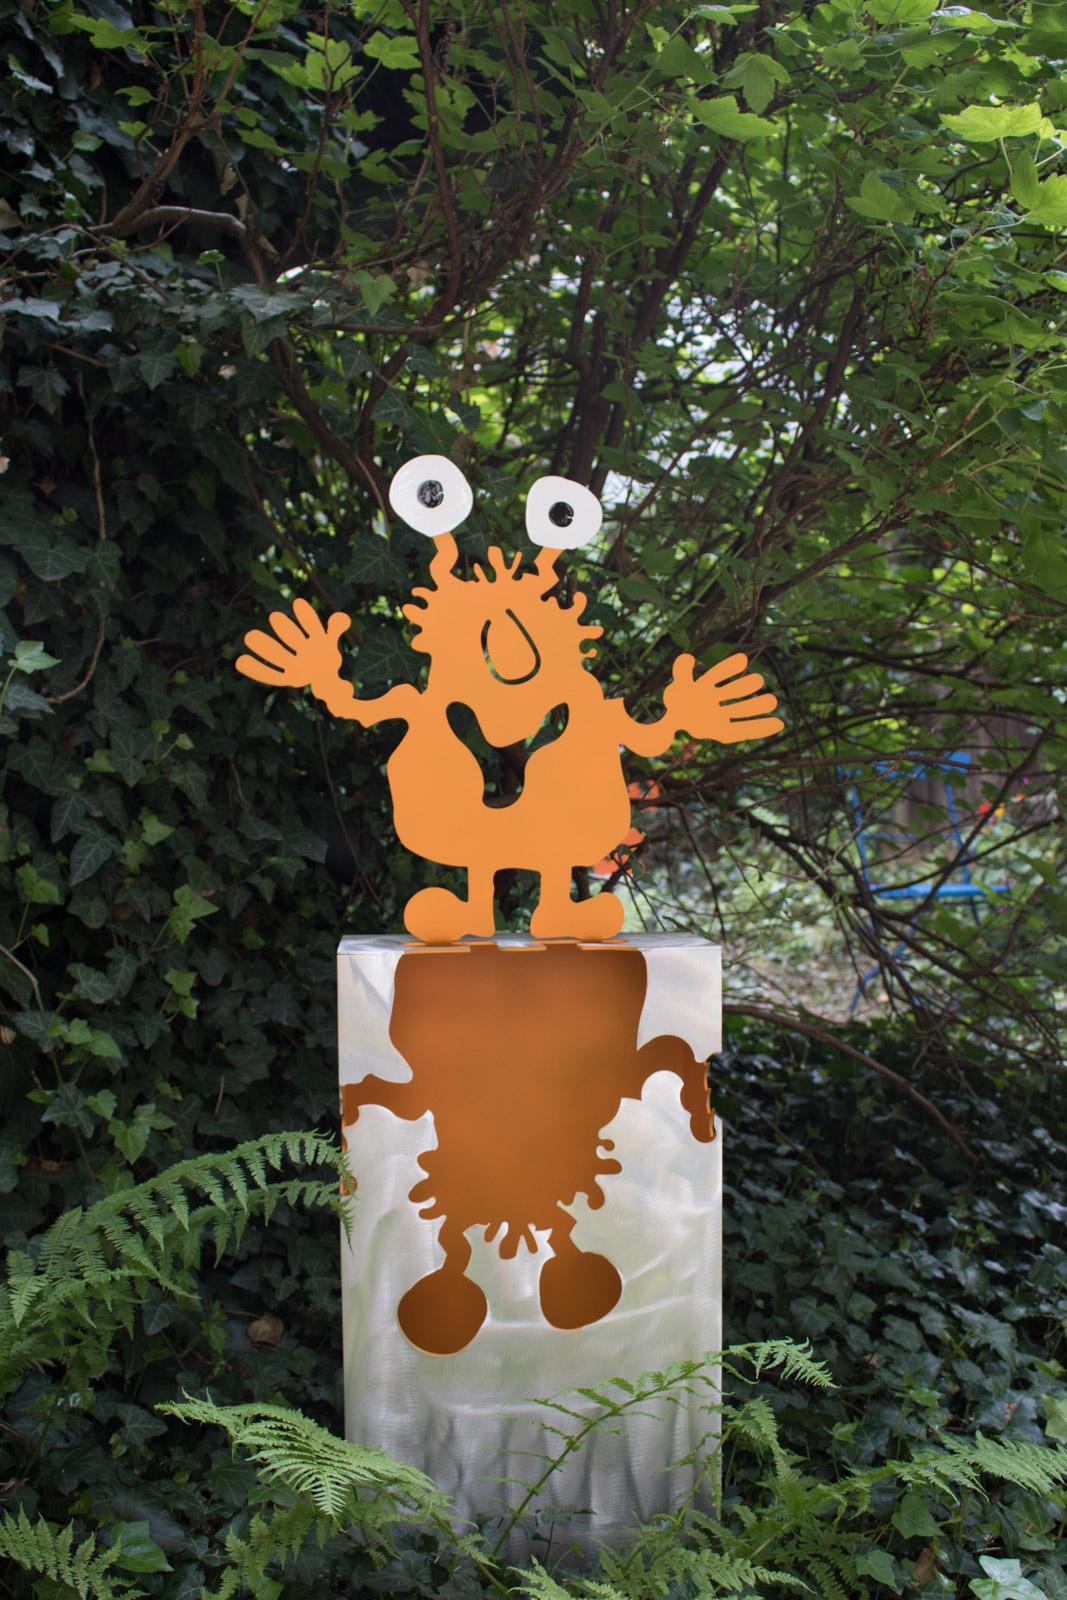 Gartenträume – Zwölf Fragen an Kunst-Schaffende. Heute: Patrick Preller